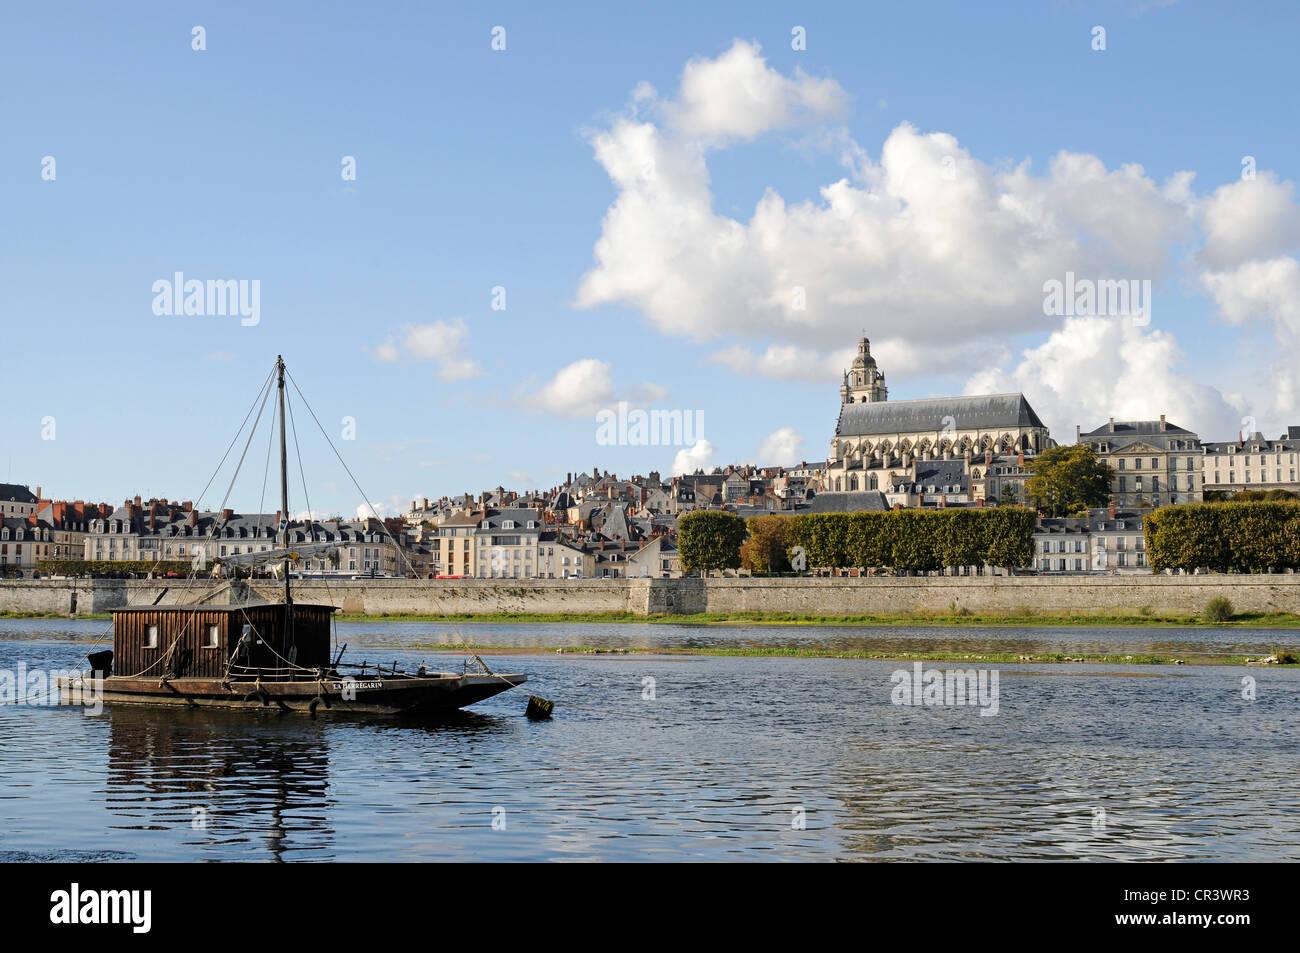 Cathédrale Saint-Louis de Blois, boat, Loire river, Blois, Loir-et-Cher, Centre, France, Europe, PublicGround - Stock Image